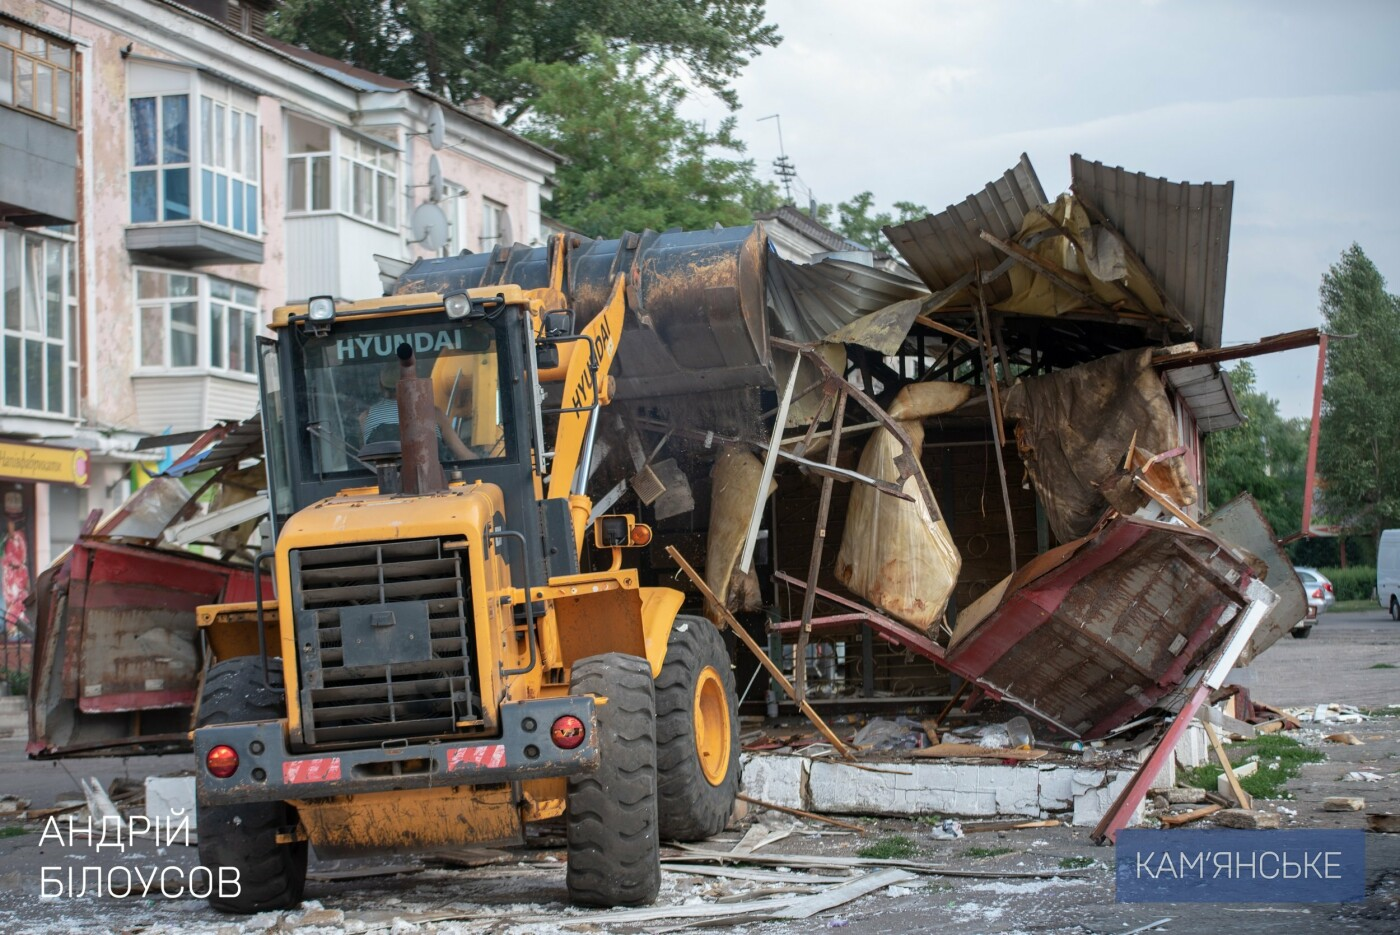 Прощай, «Ветерок»: в Каменском на Соцгороде демонтировали «разливайку», фото-1